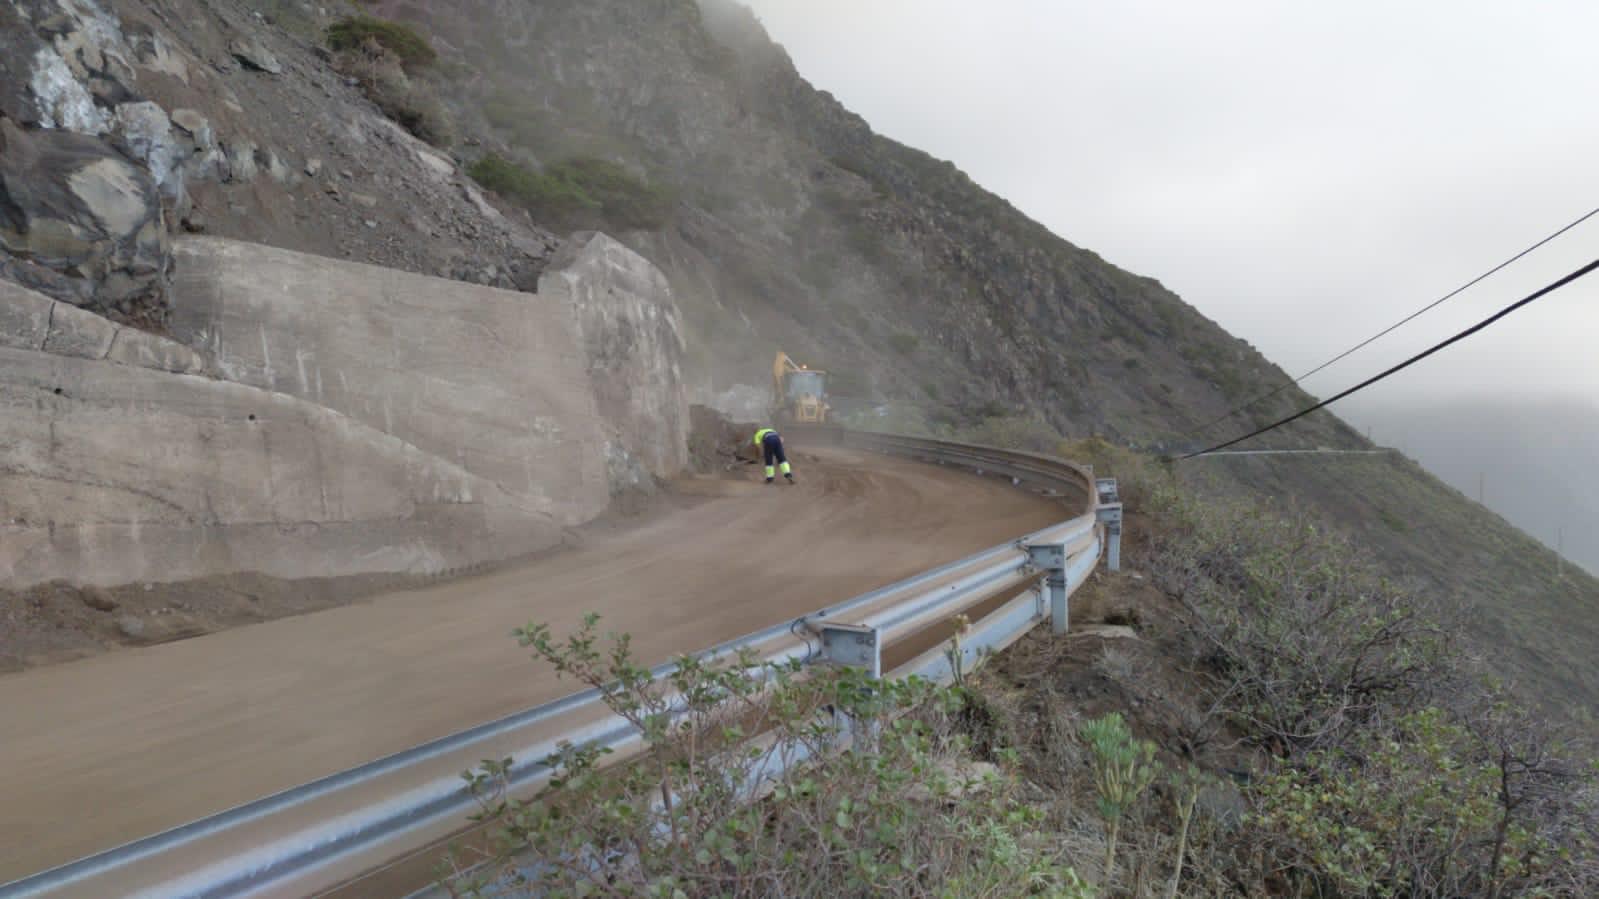 Reabre al tráfico la carretera insular HI-50 de acceso a Sabinosa/ CanariasNoticias.es